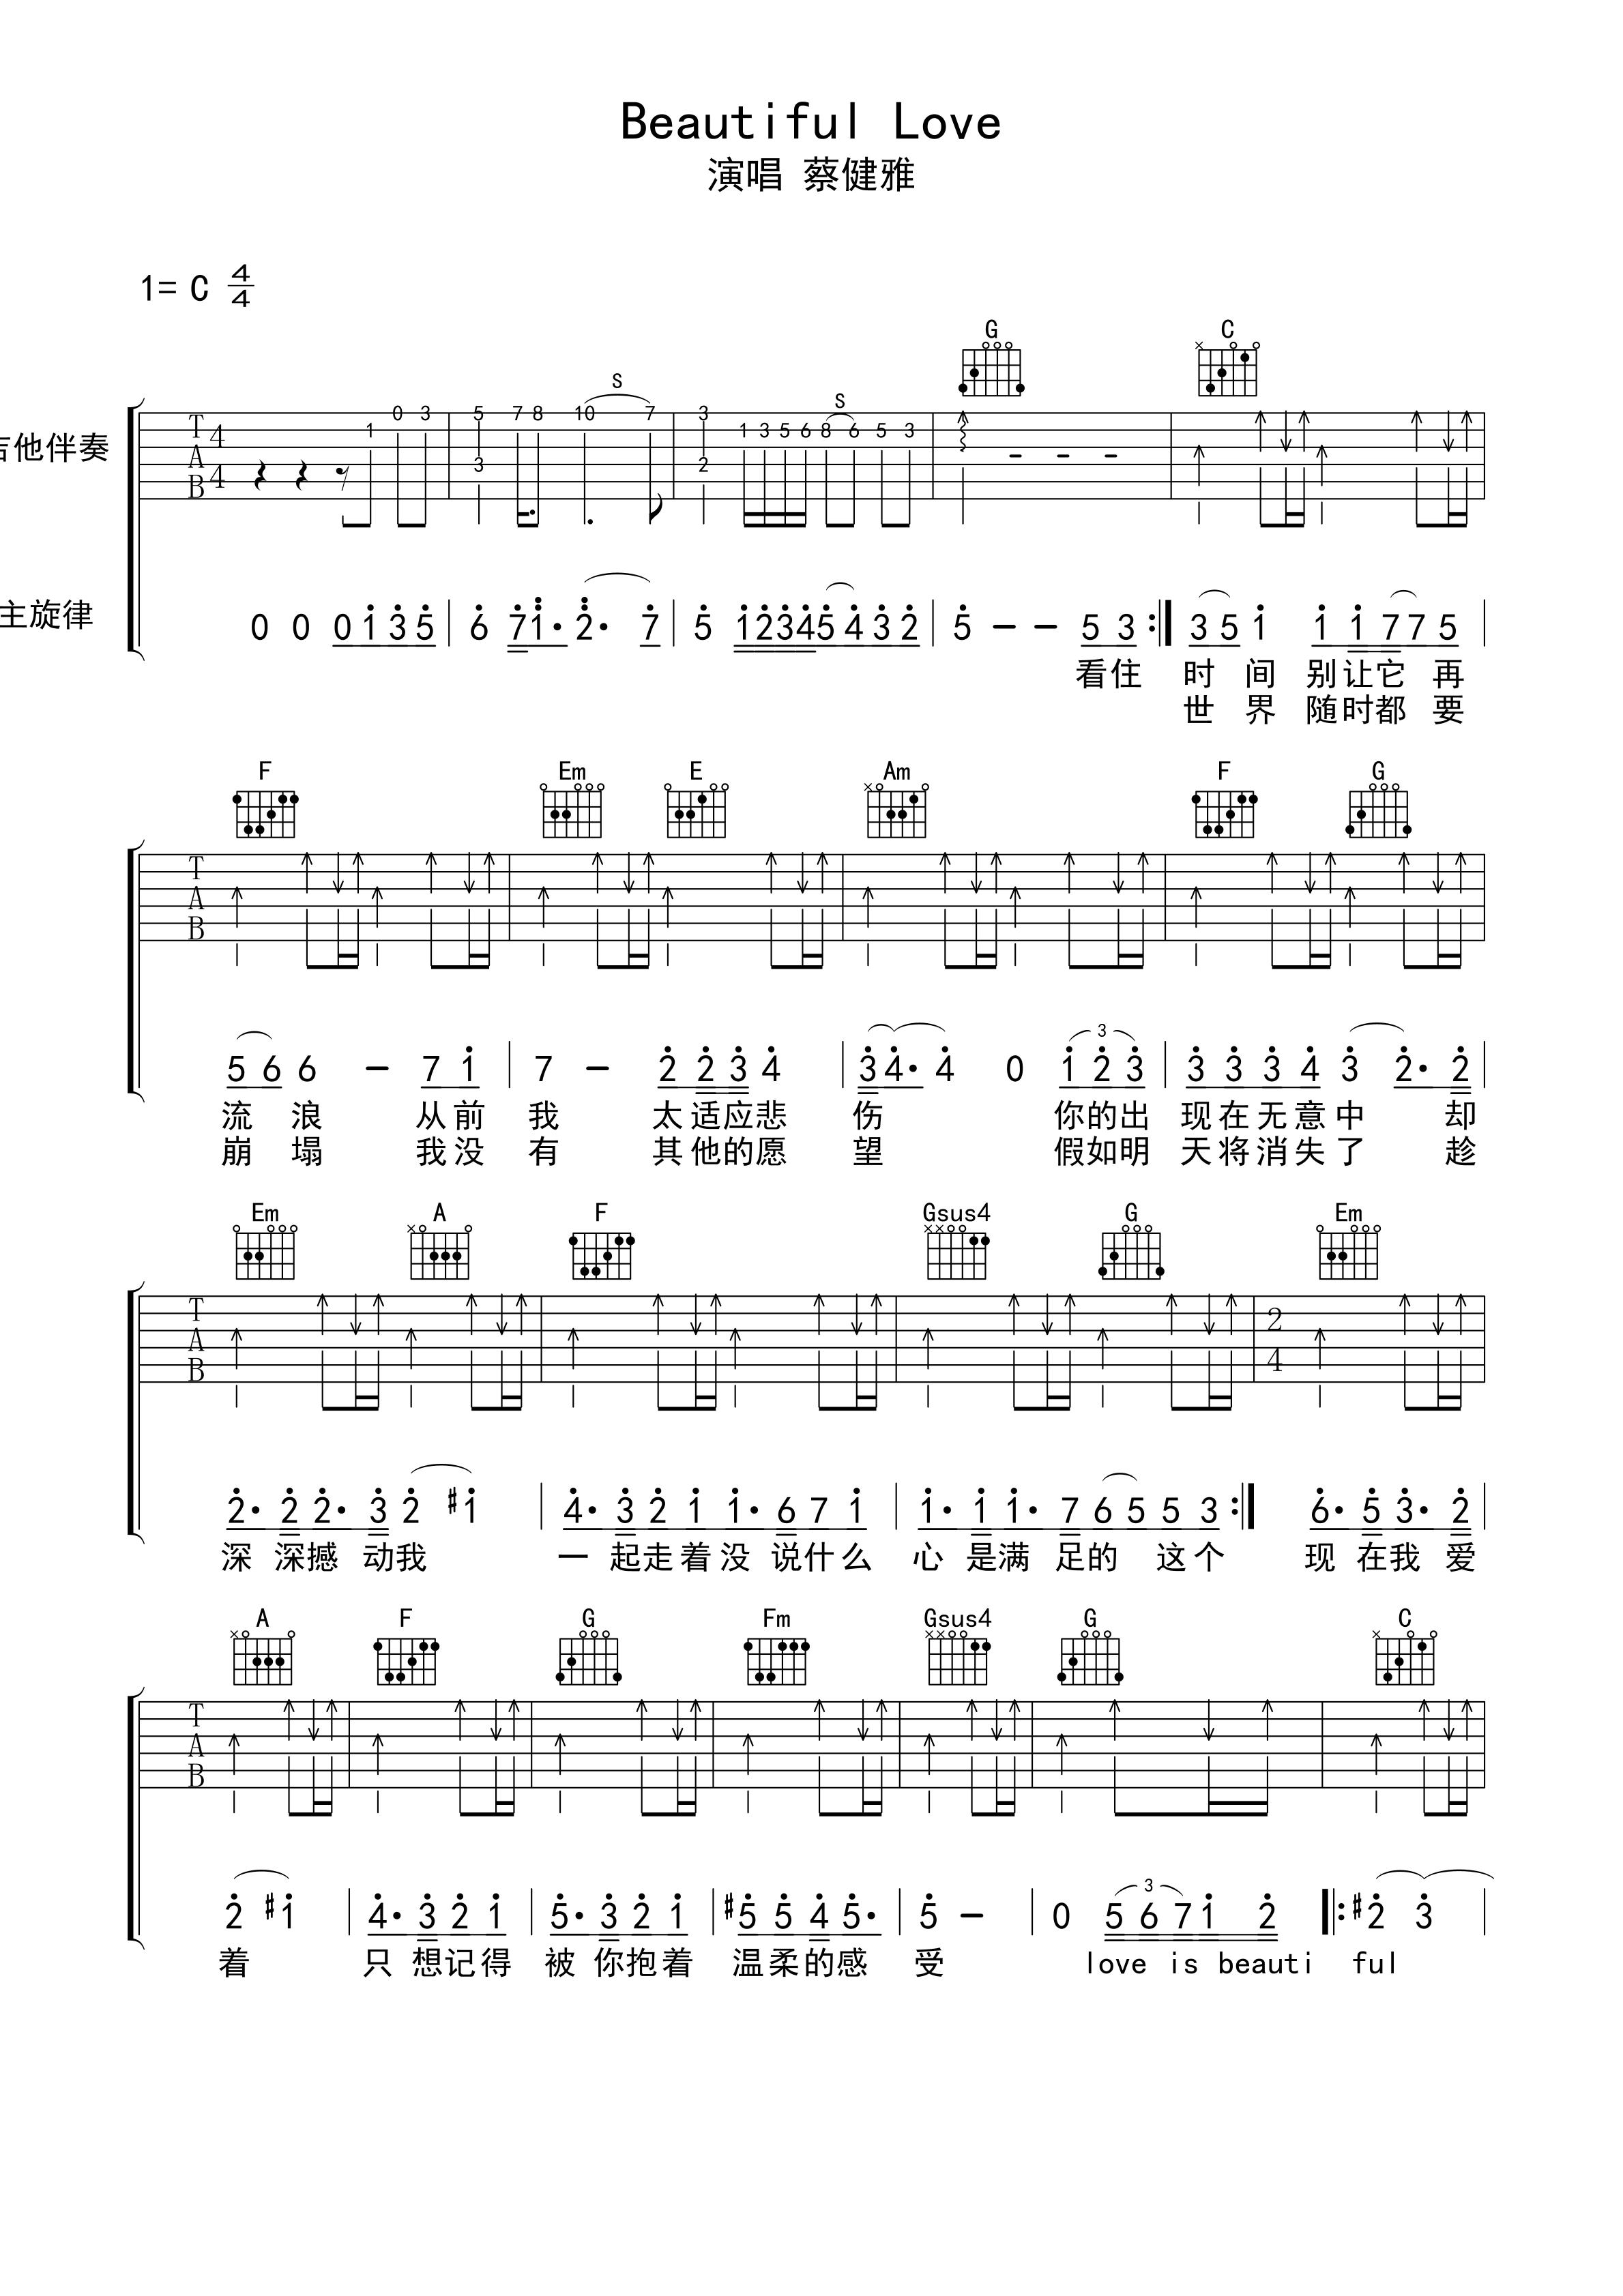 吉他曲谱time